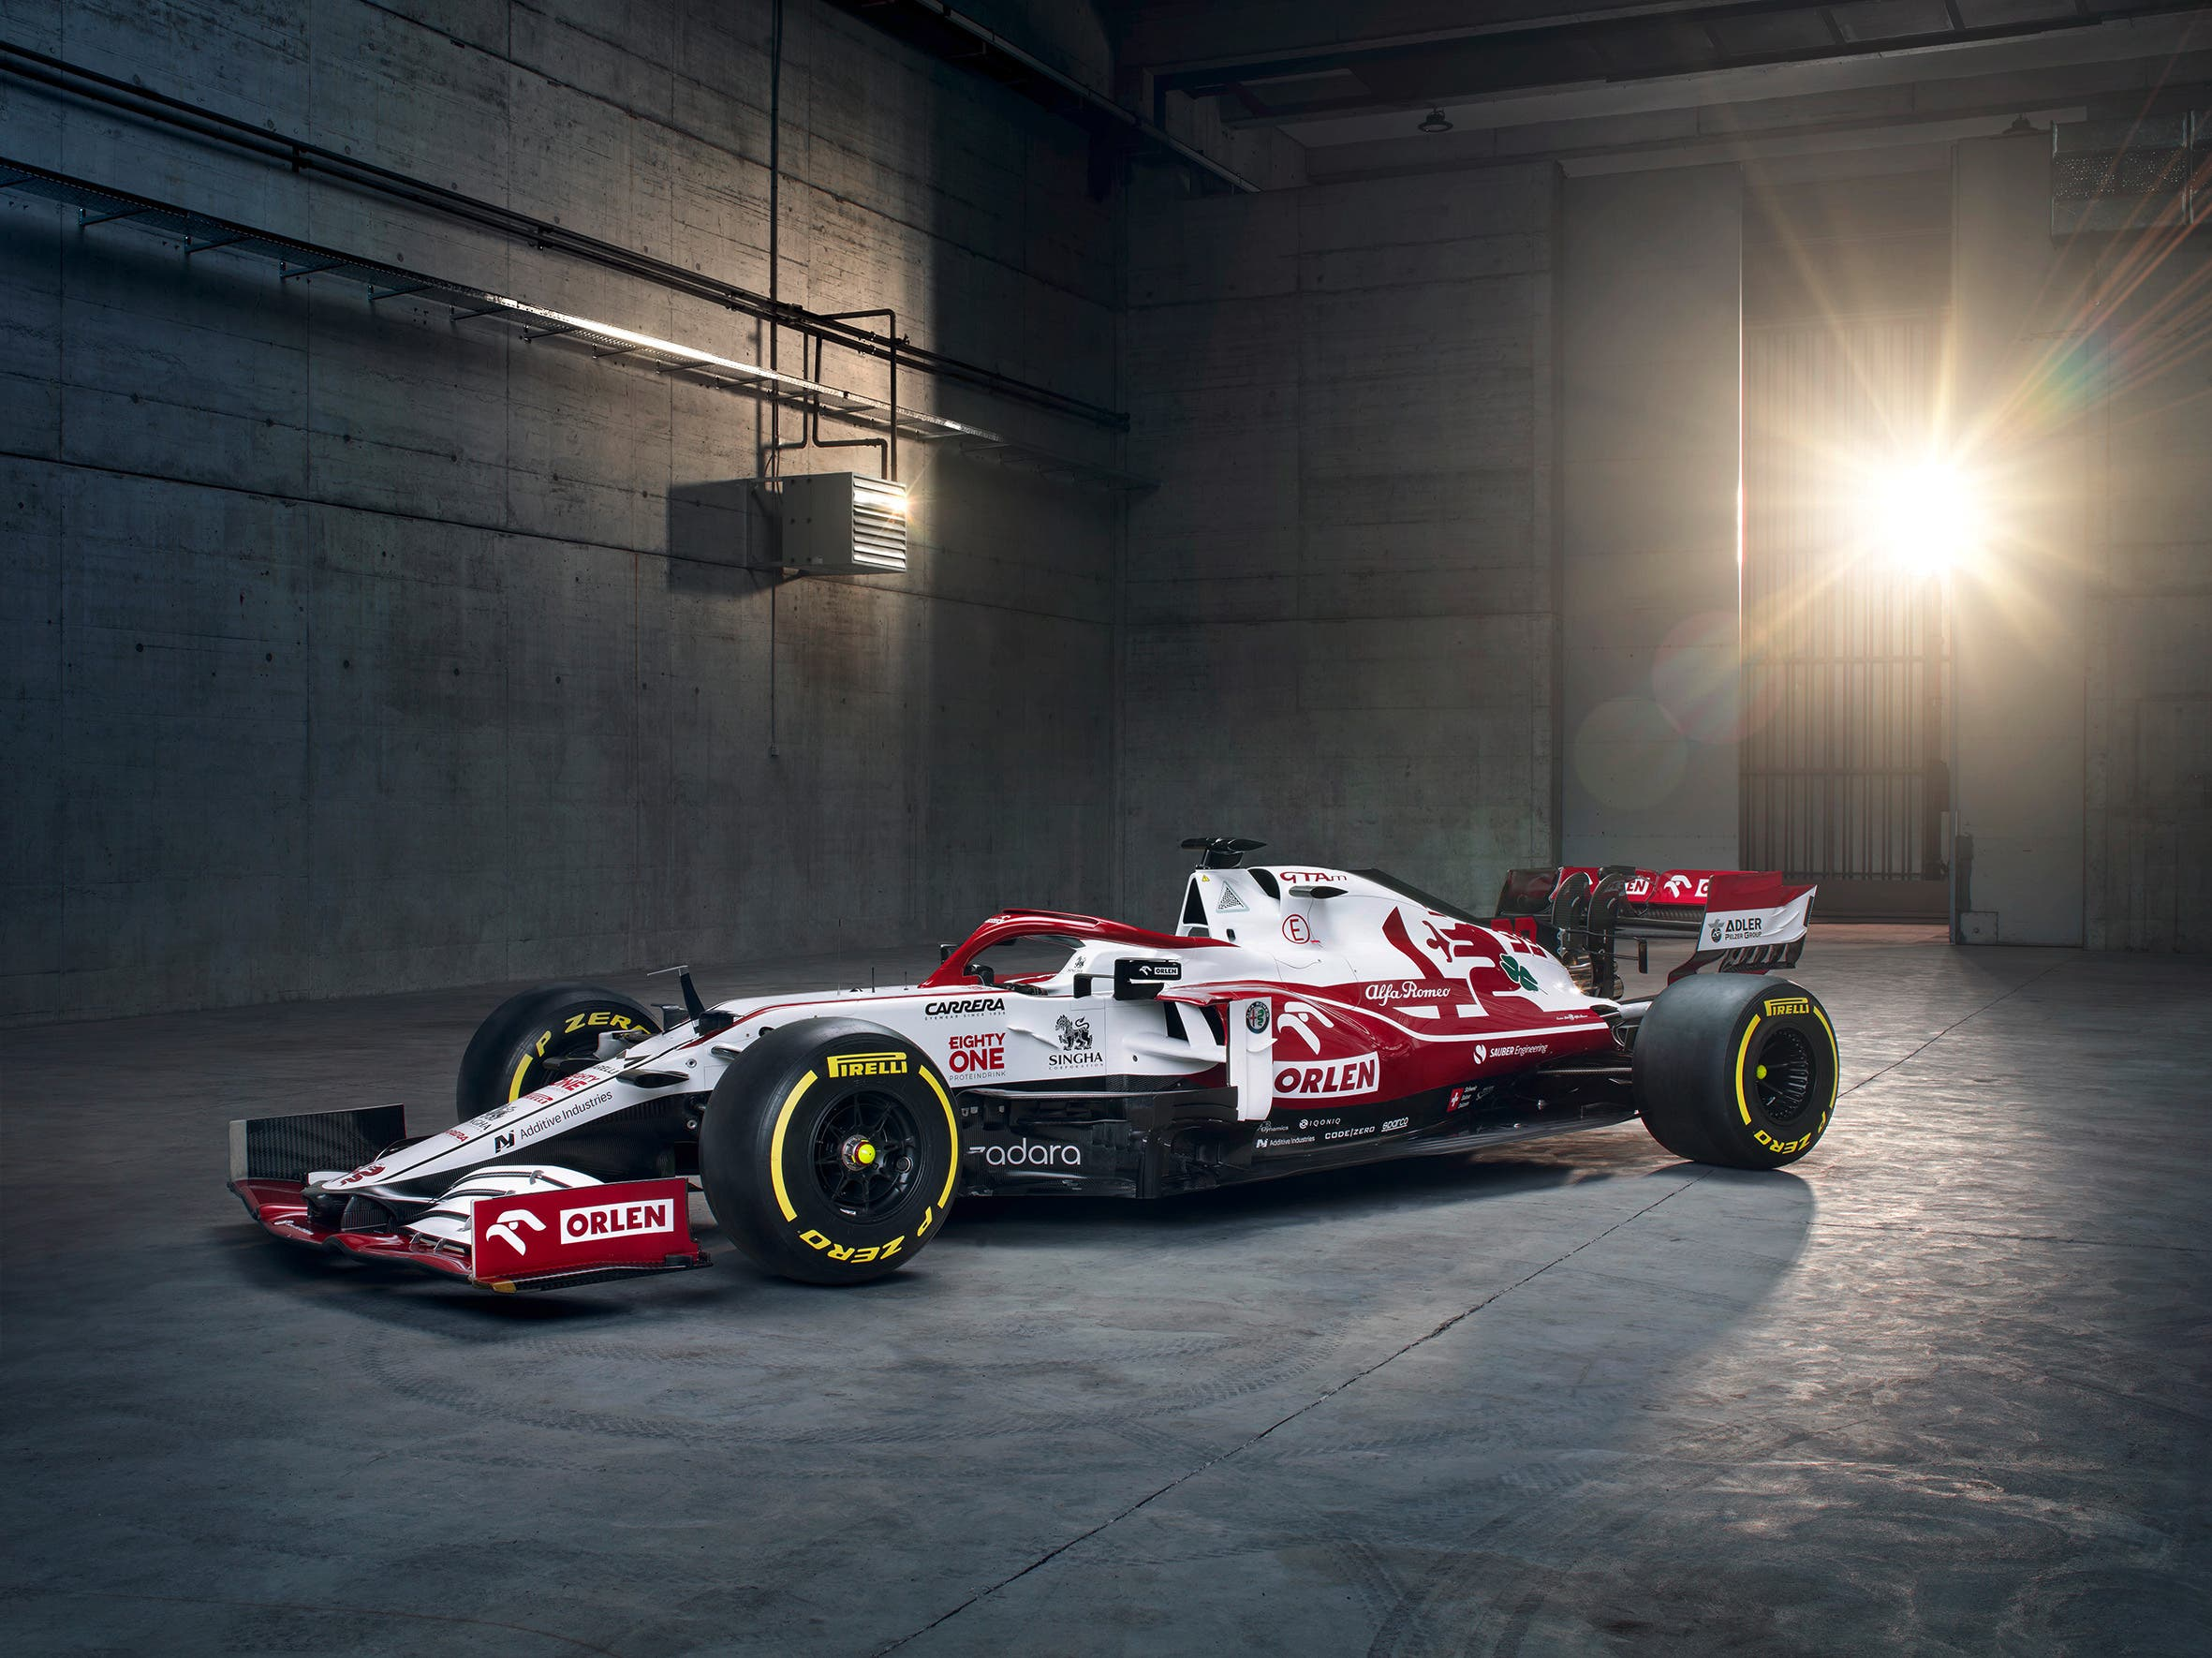 Das ist der neue Formel-1-Bolide des Hinwiler Rennstalls. Der C41 erblickt am Montagmittag das Licht der Welt.